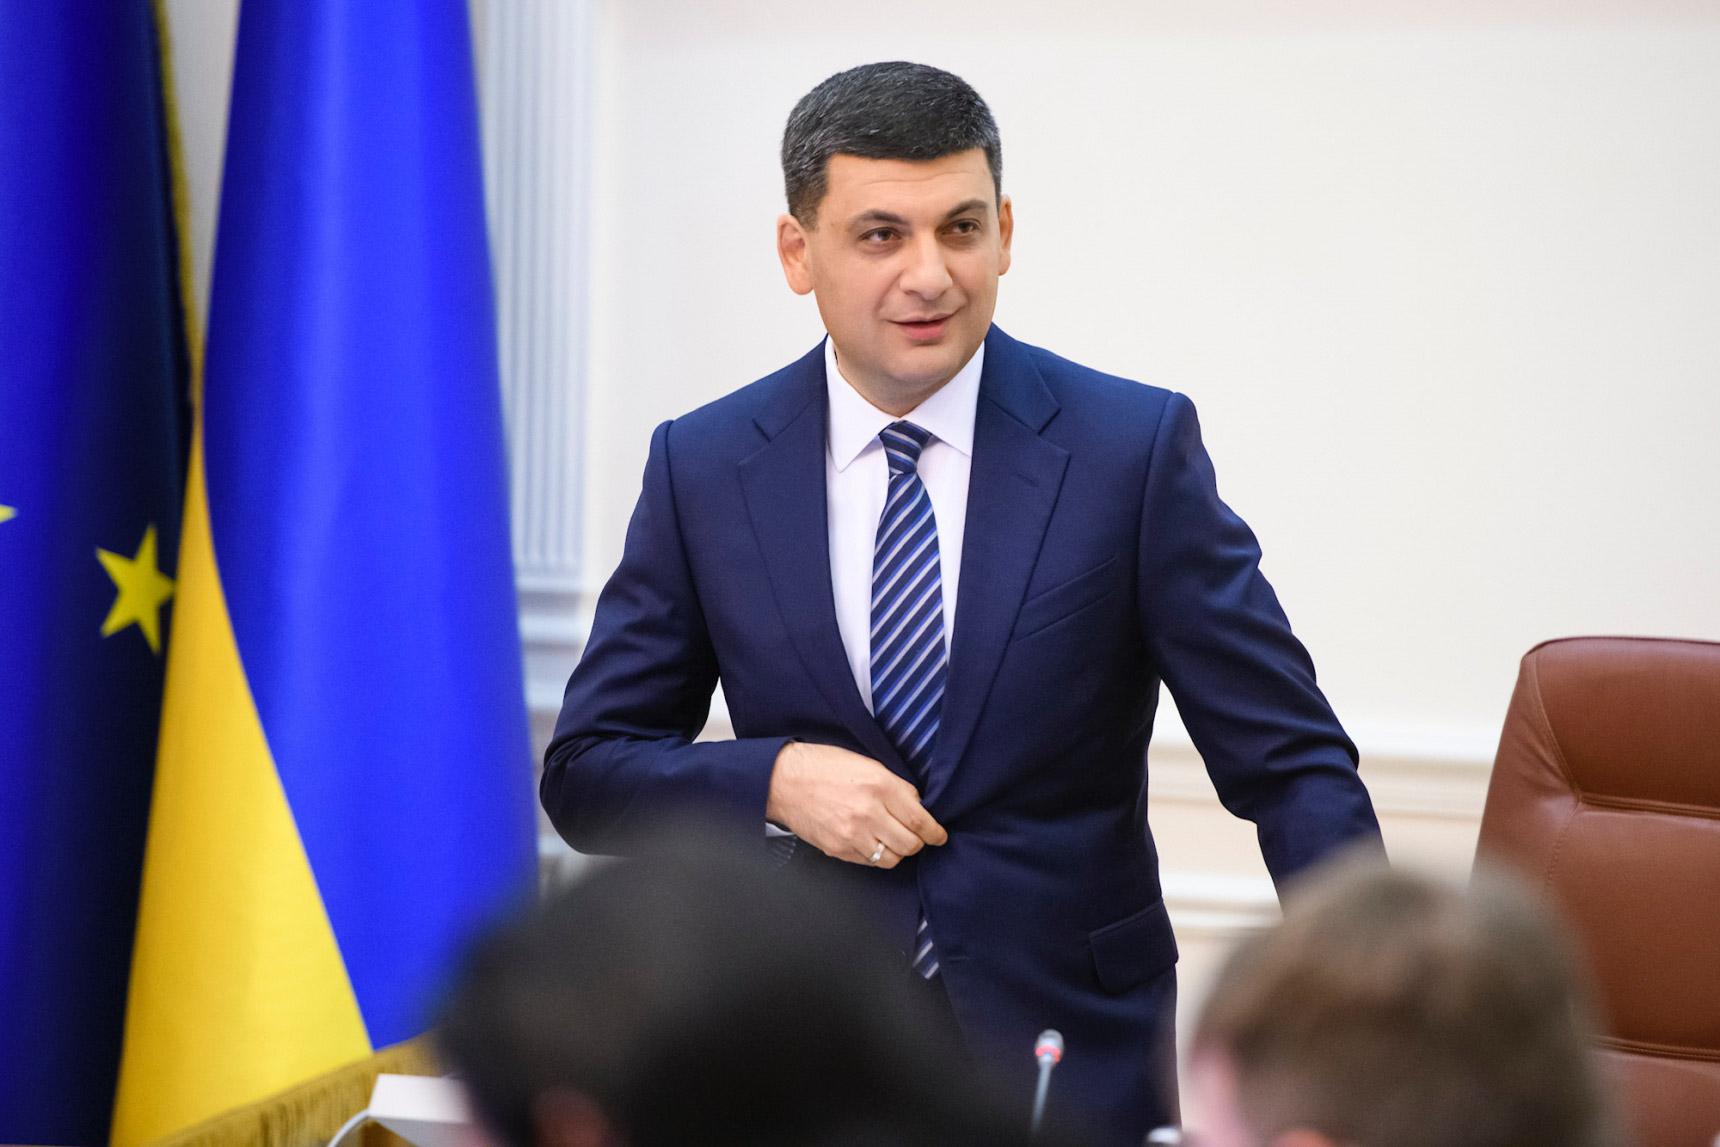 Реальні обіцянки та досягнення: Володимир Гройсман йде на вибори з новою політсилою